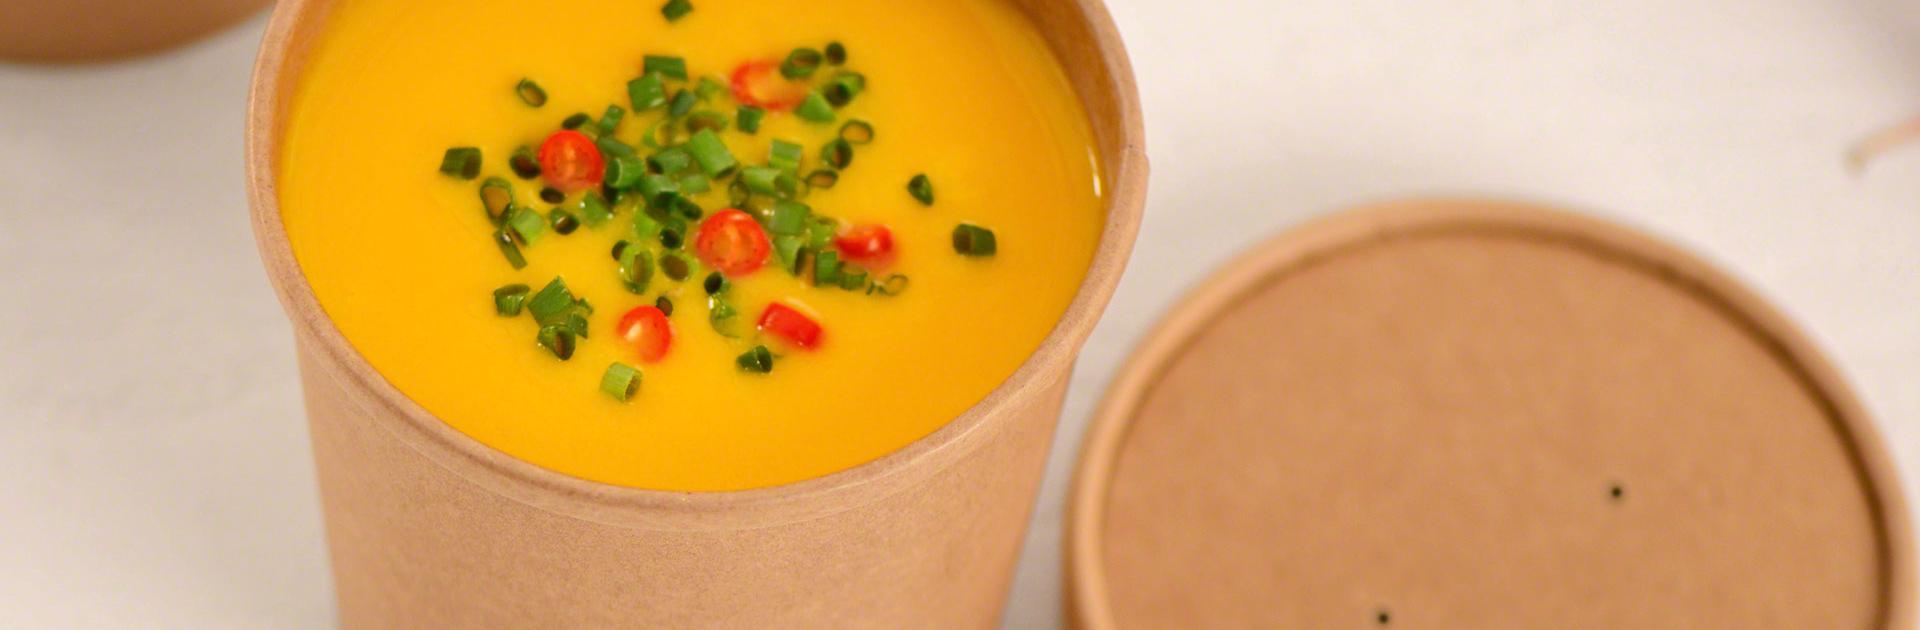 Street Food Suppe Verpackung